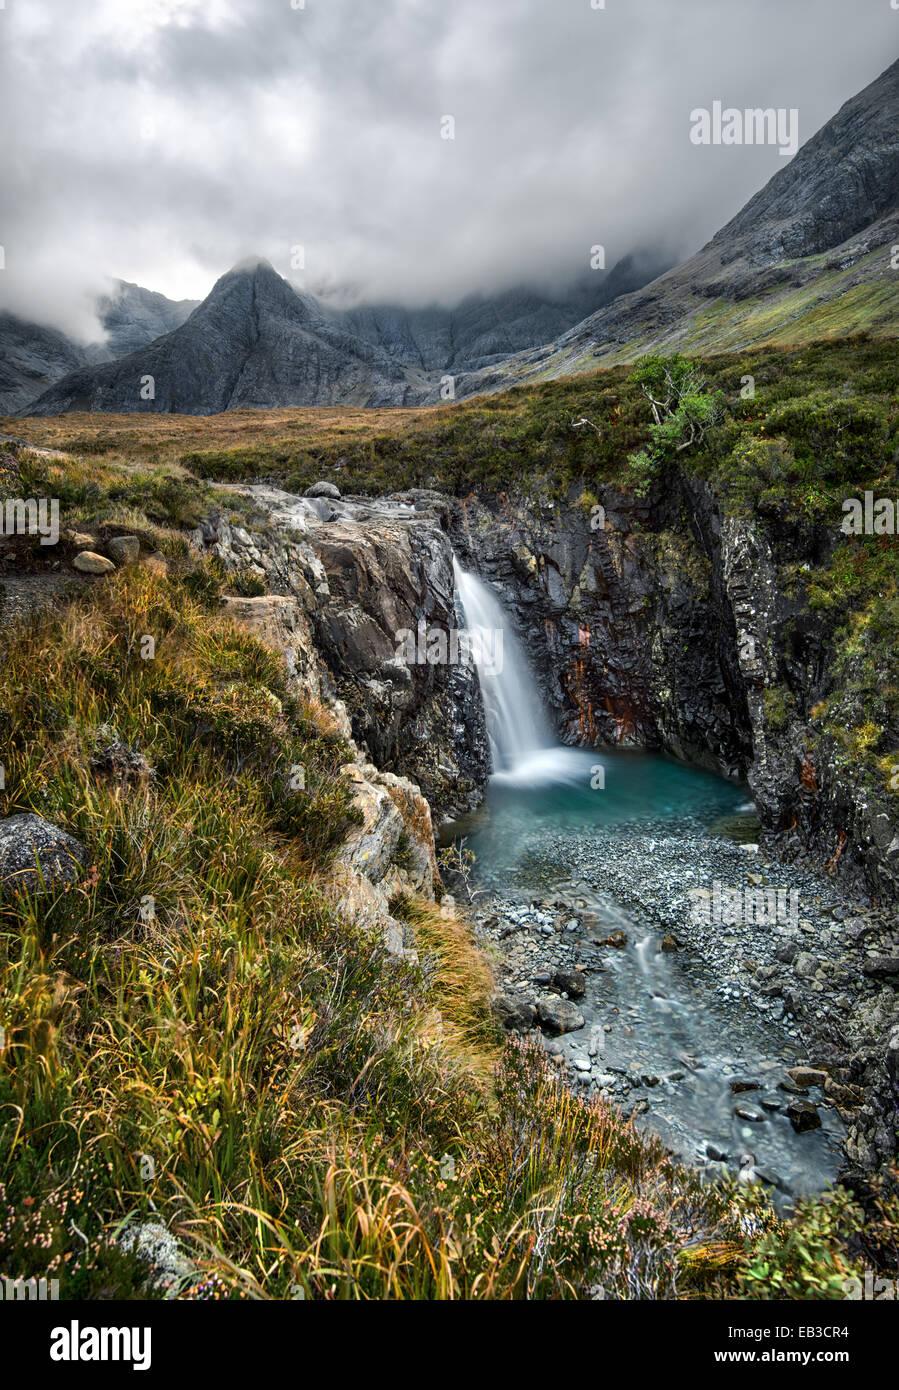 Reino Unido, Escocia, Fairy piscinas en cascada misty día Imagen De Stock